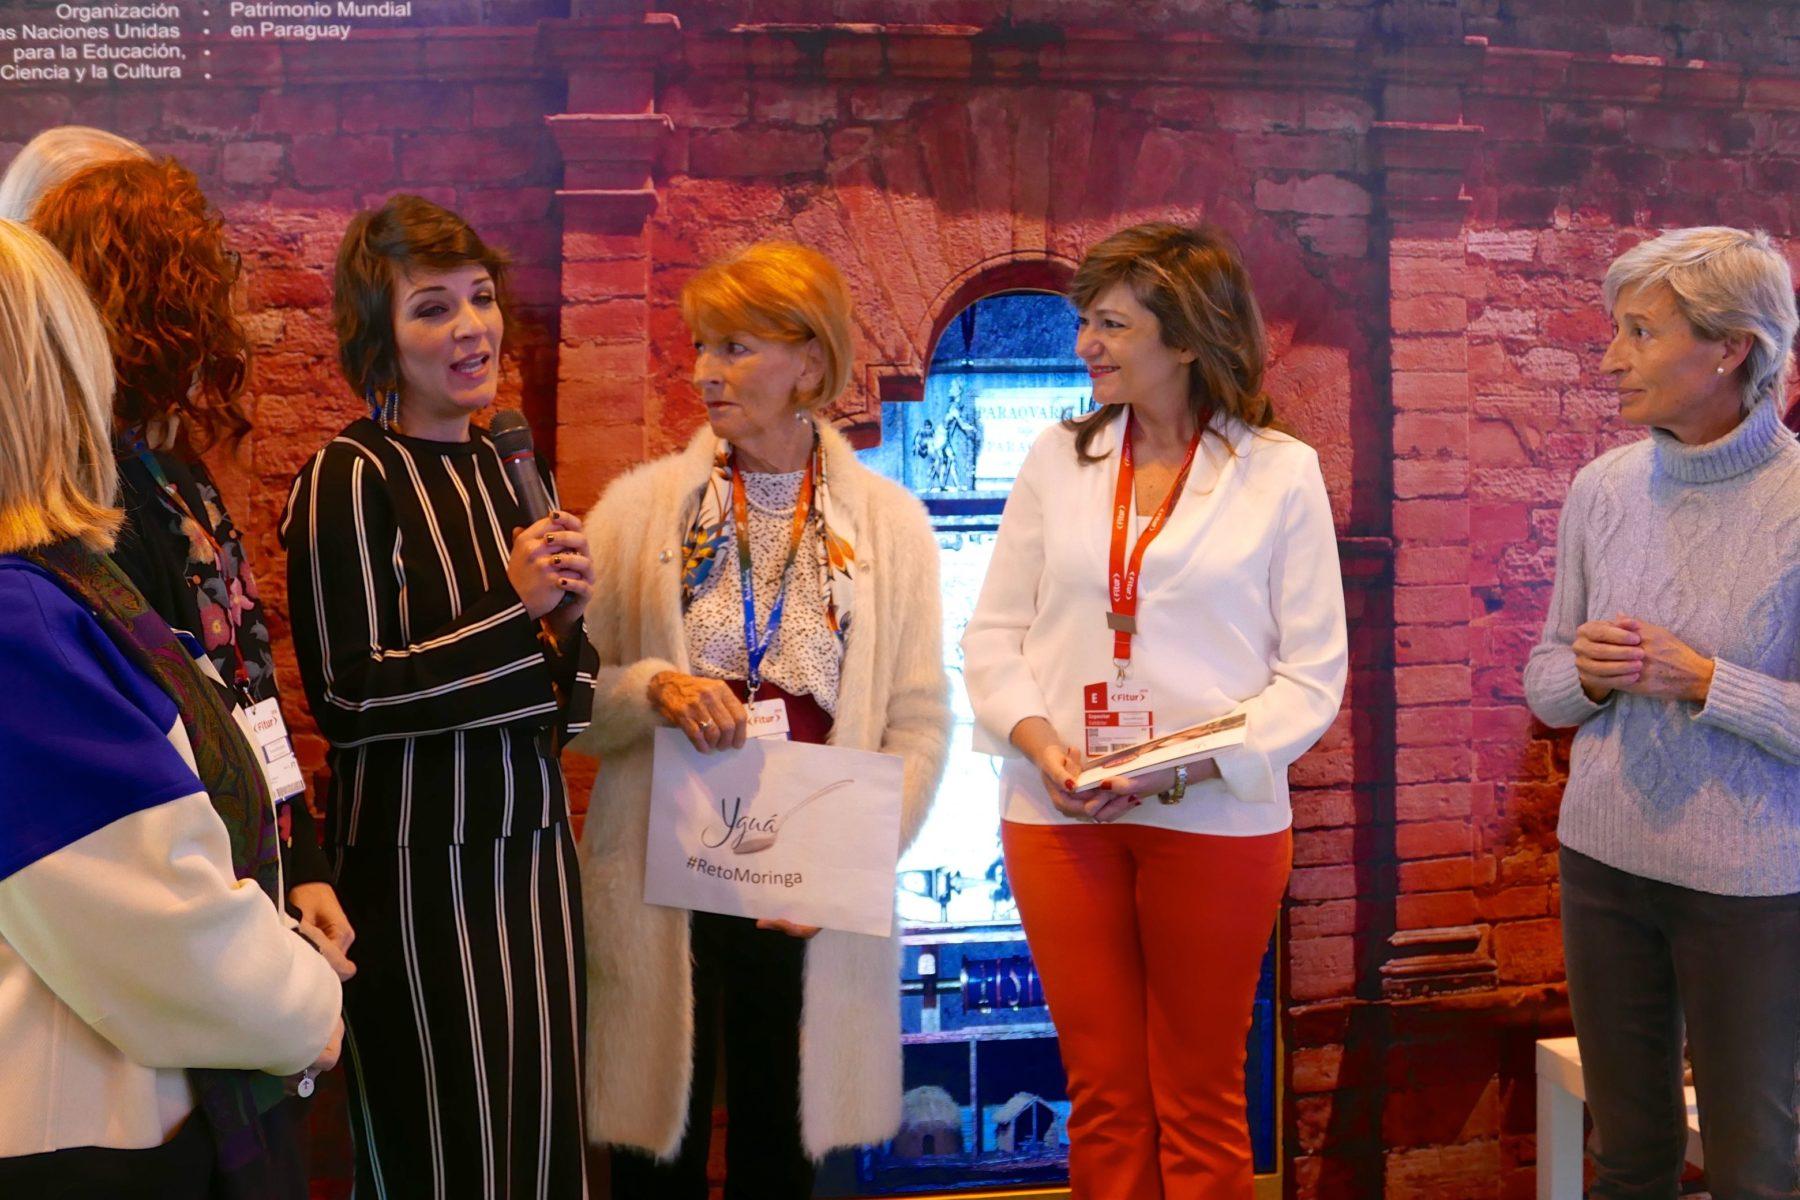 Antonella Ruggiero, Secretaria General de la Academia Iberoamericana de Gastronomía, expone al apoyo de la Academia al Proyecto Yguá.